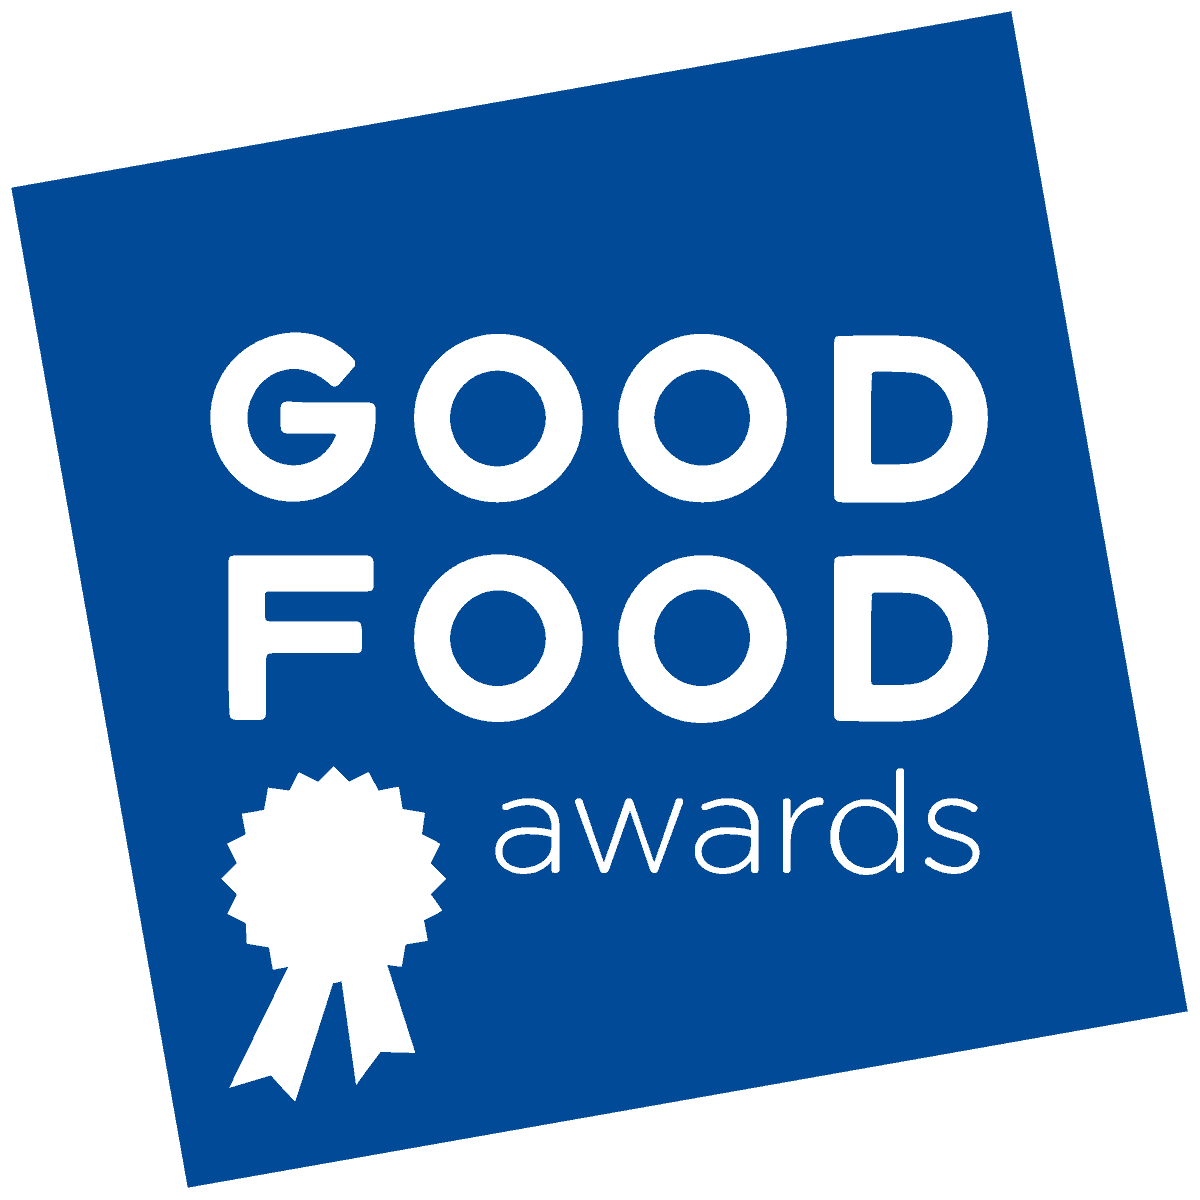 Good Food awards logo